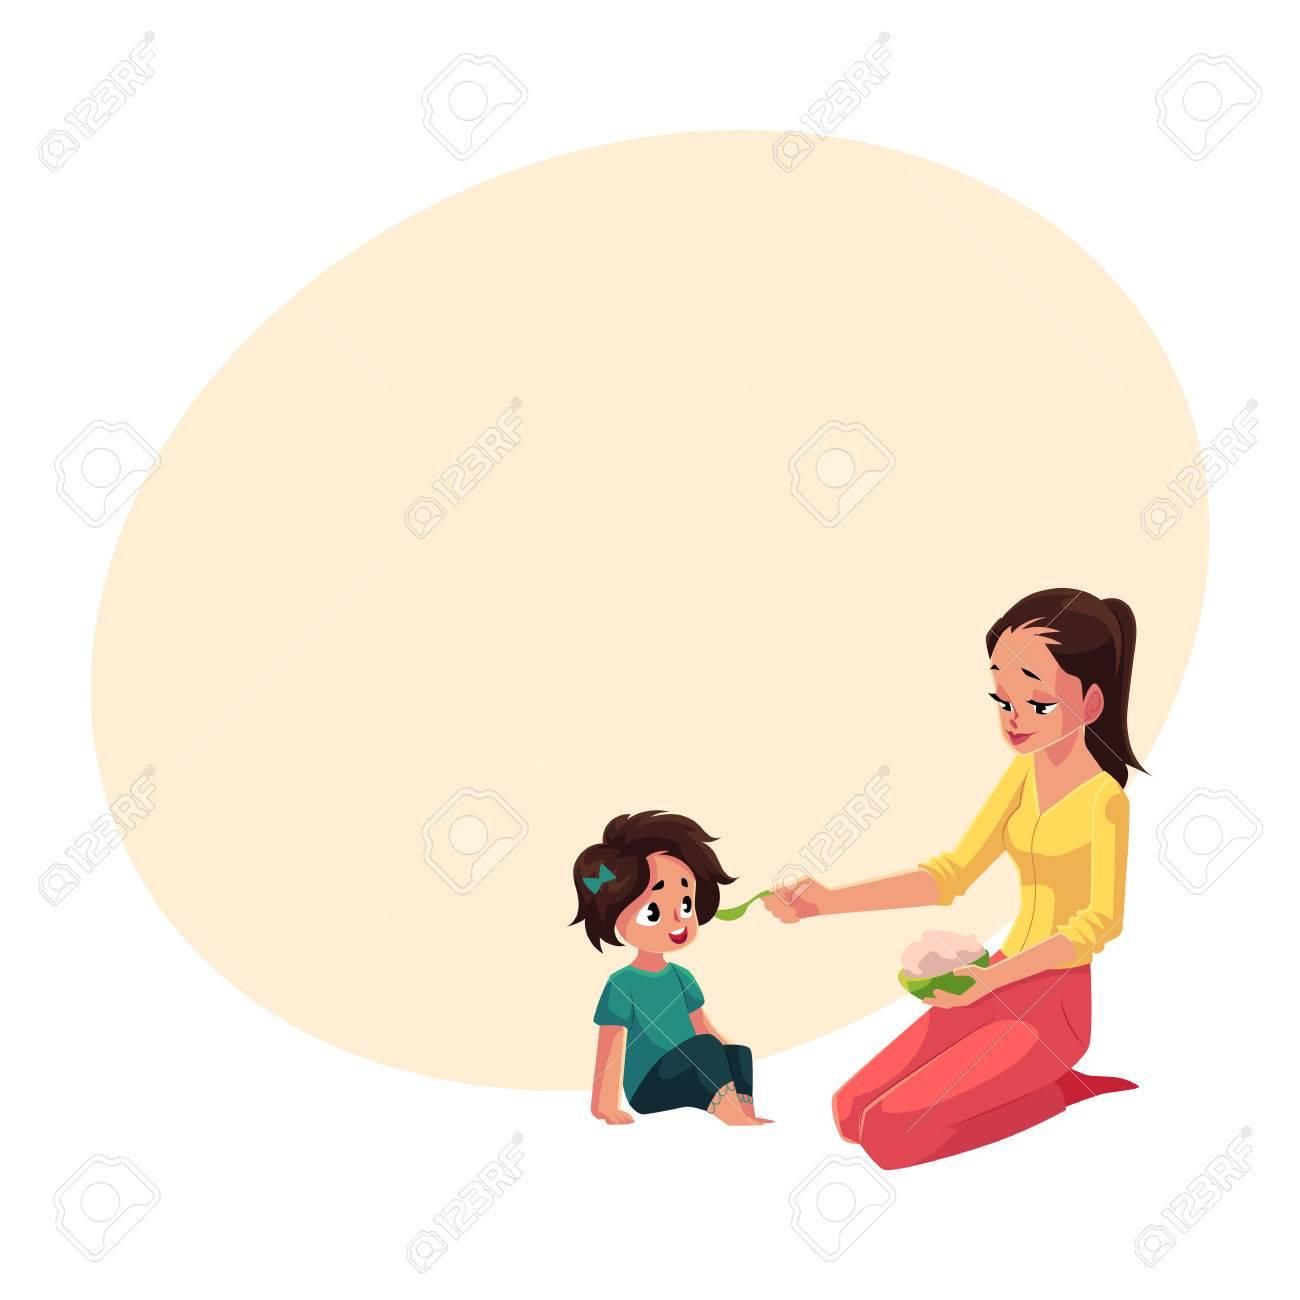 Mère Cuillère Nourrir Sa Petite Fille Assise Sur Le Sol Illustration De Vecteur De Dessin Animé Avec Un Espace Pour Le Texte Mère Maman Tenant Un